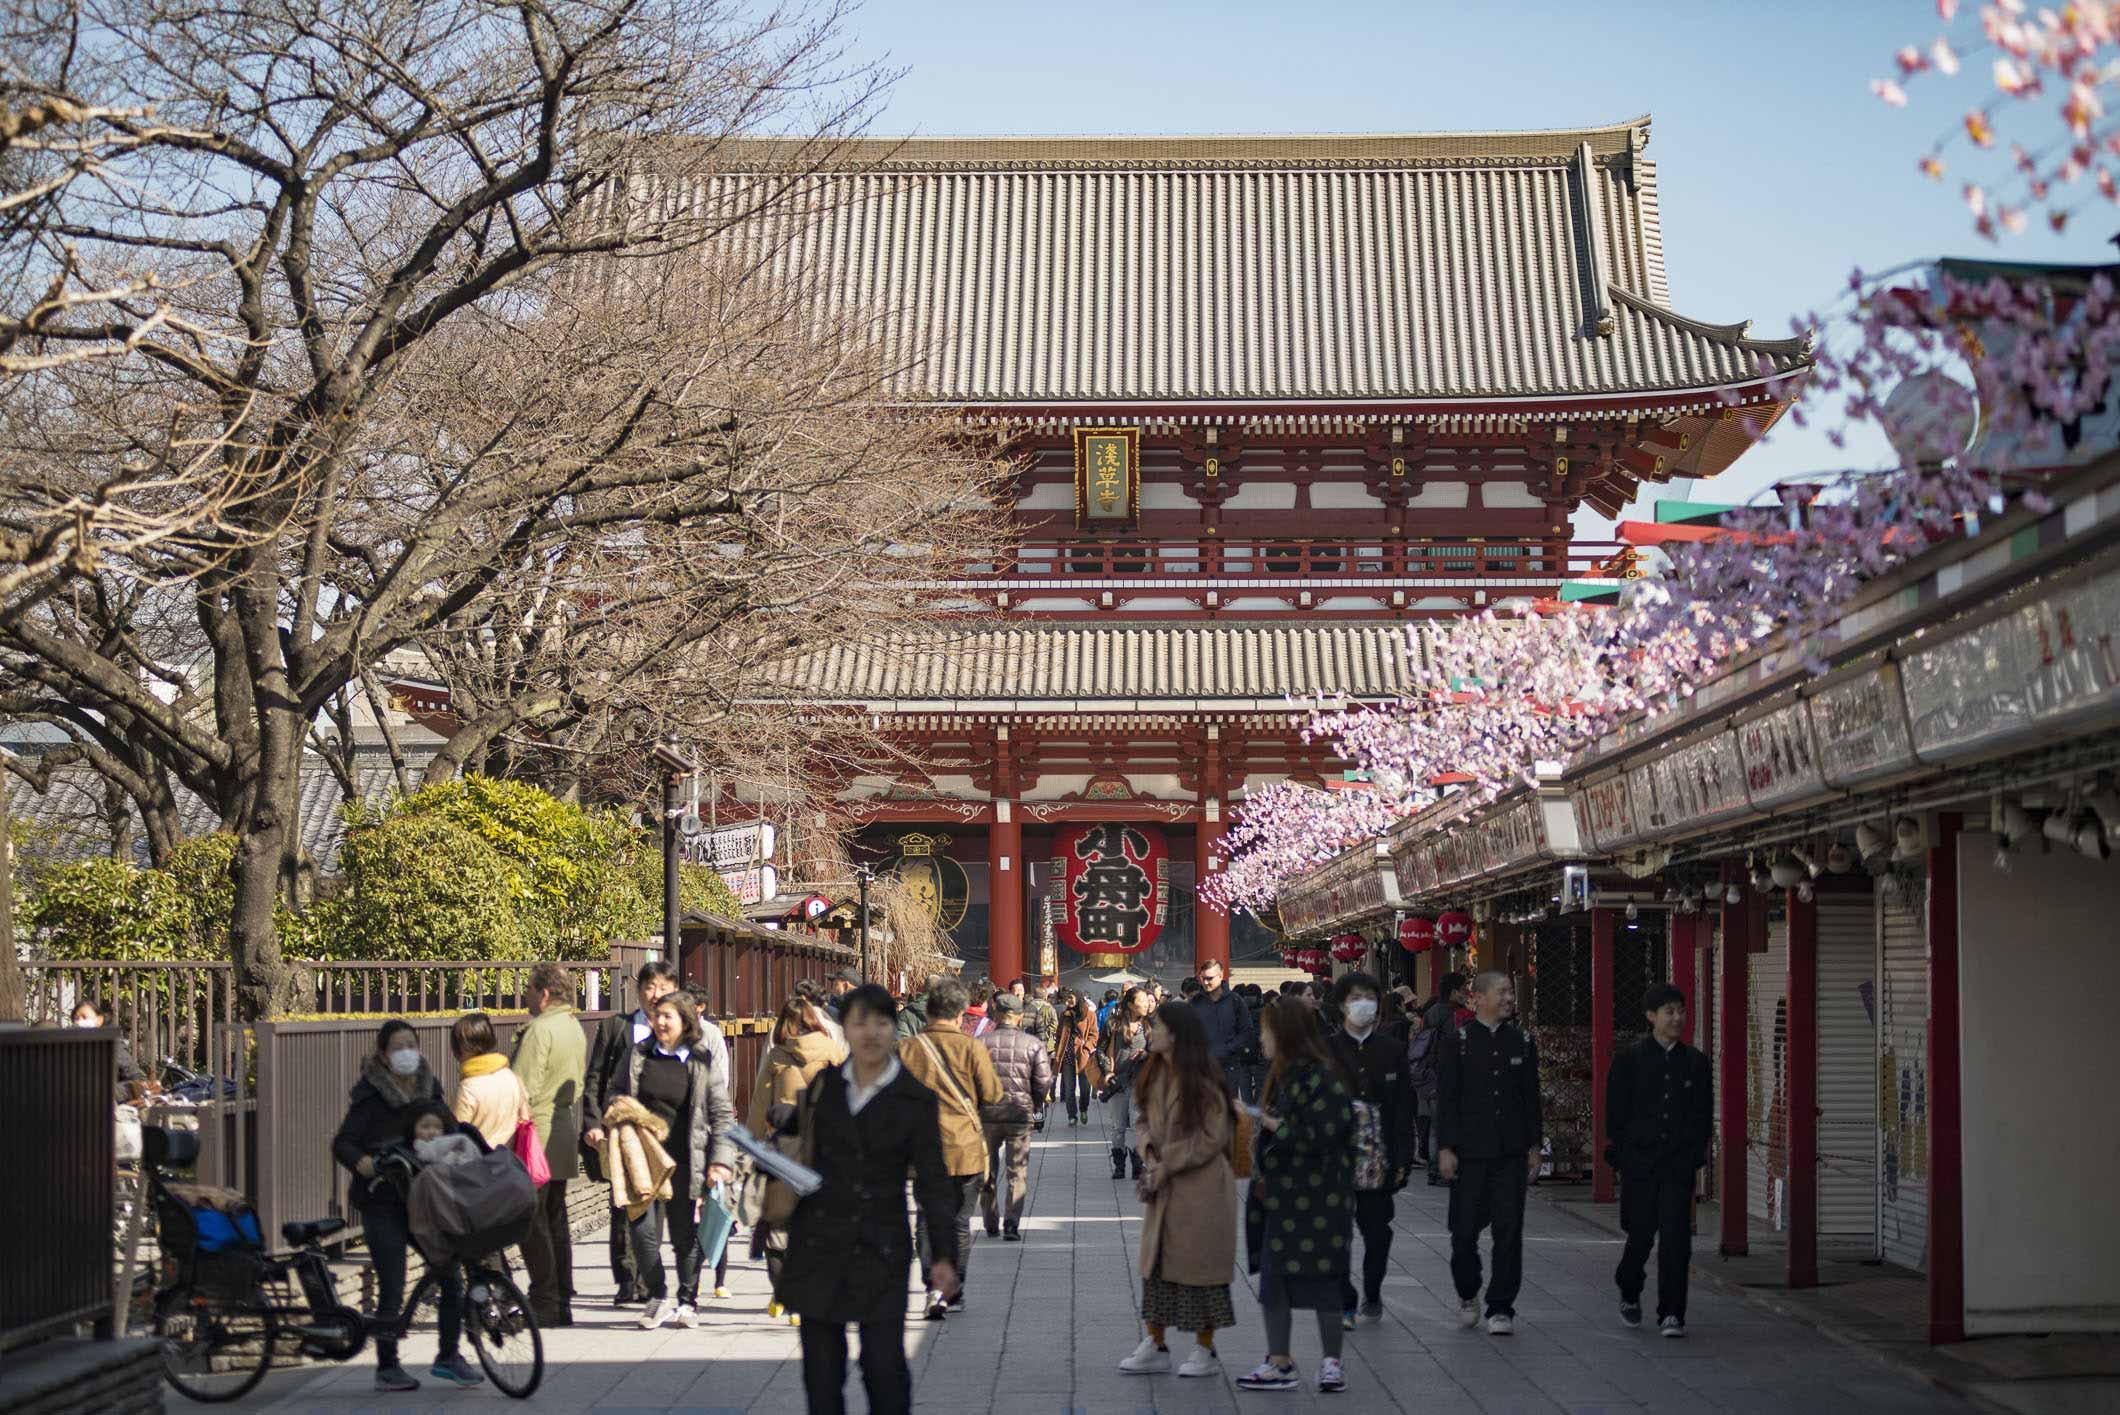 VIAGGIO IN GIAPPONE – TOKYO SENSO-JI #5